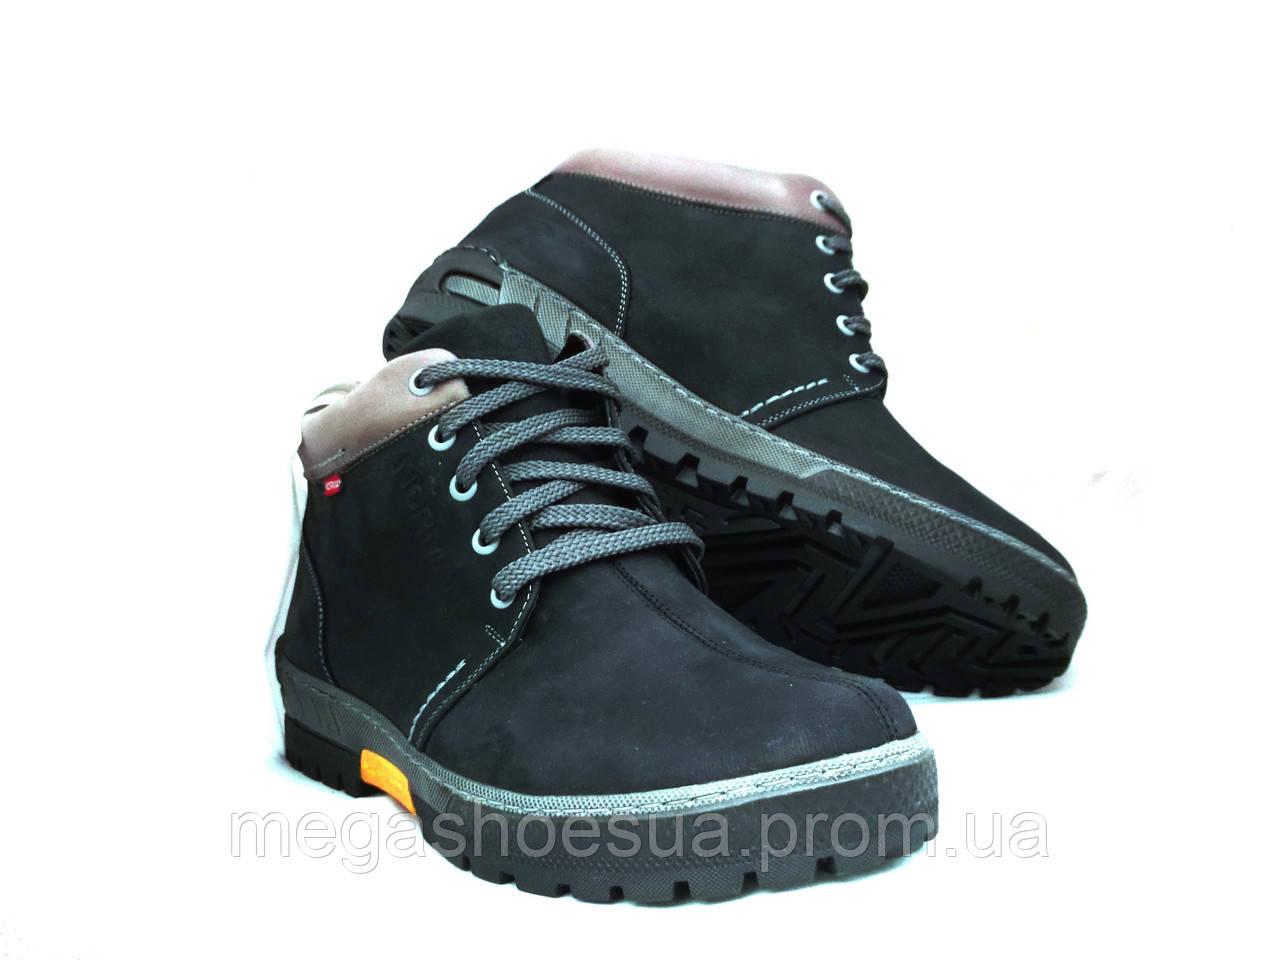 4b94eabd5acc Купить Ботинки мужские Norman с натуральной кожи стильные в Киеве от ...